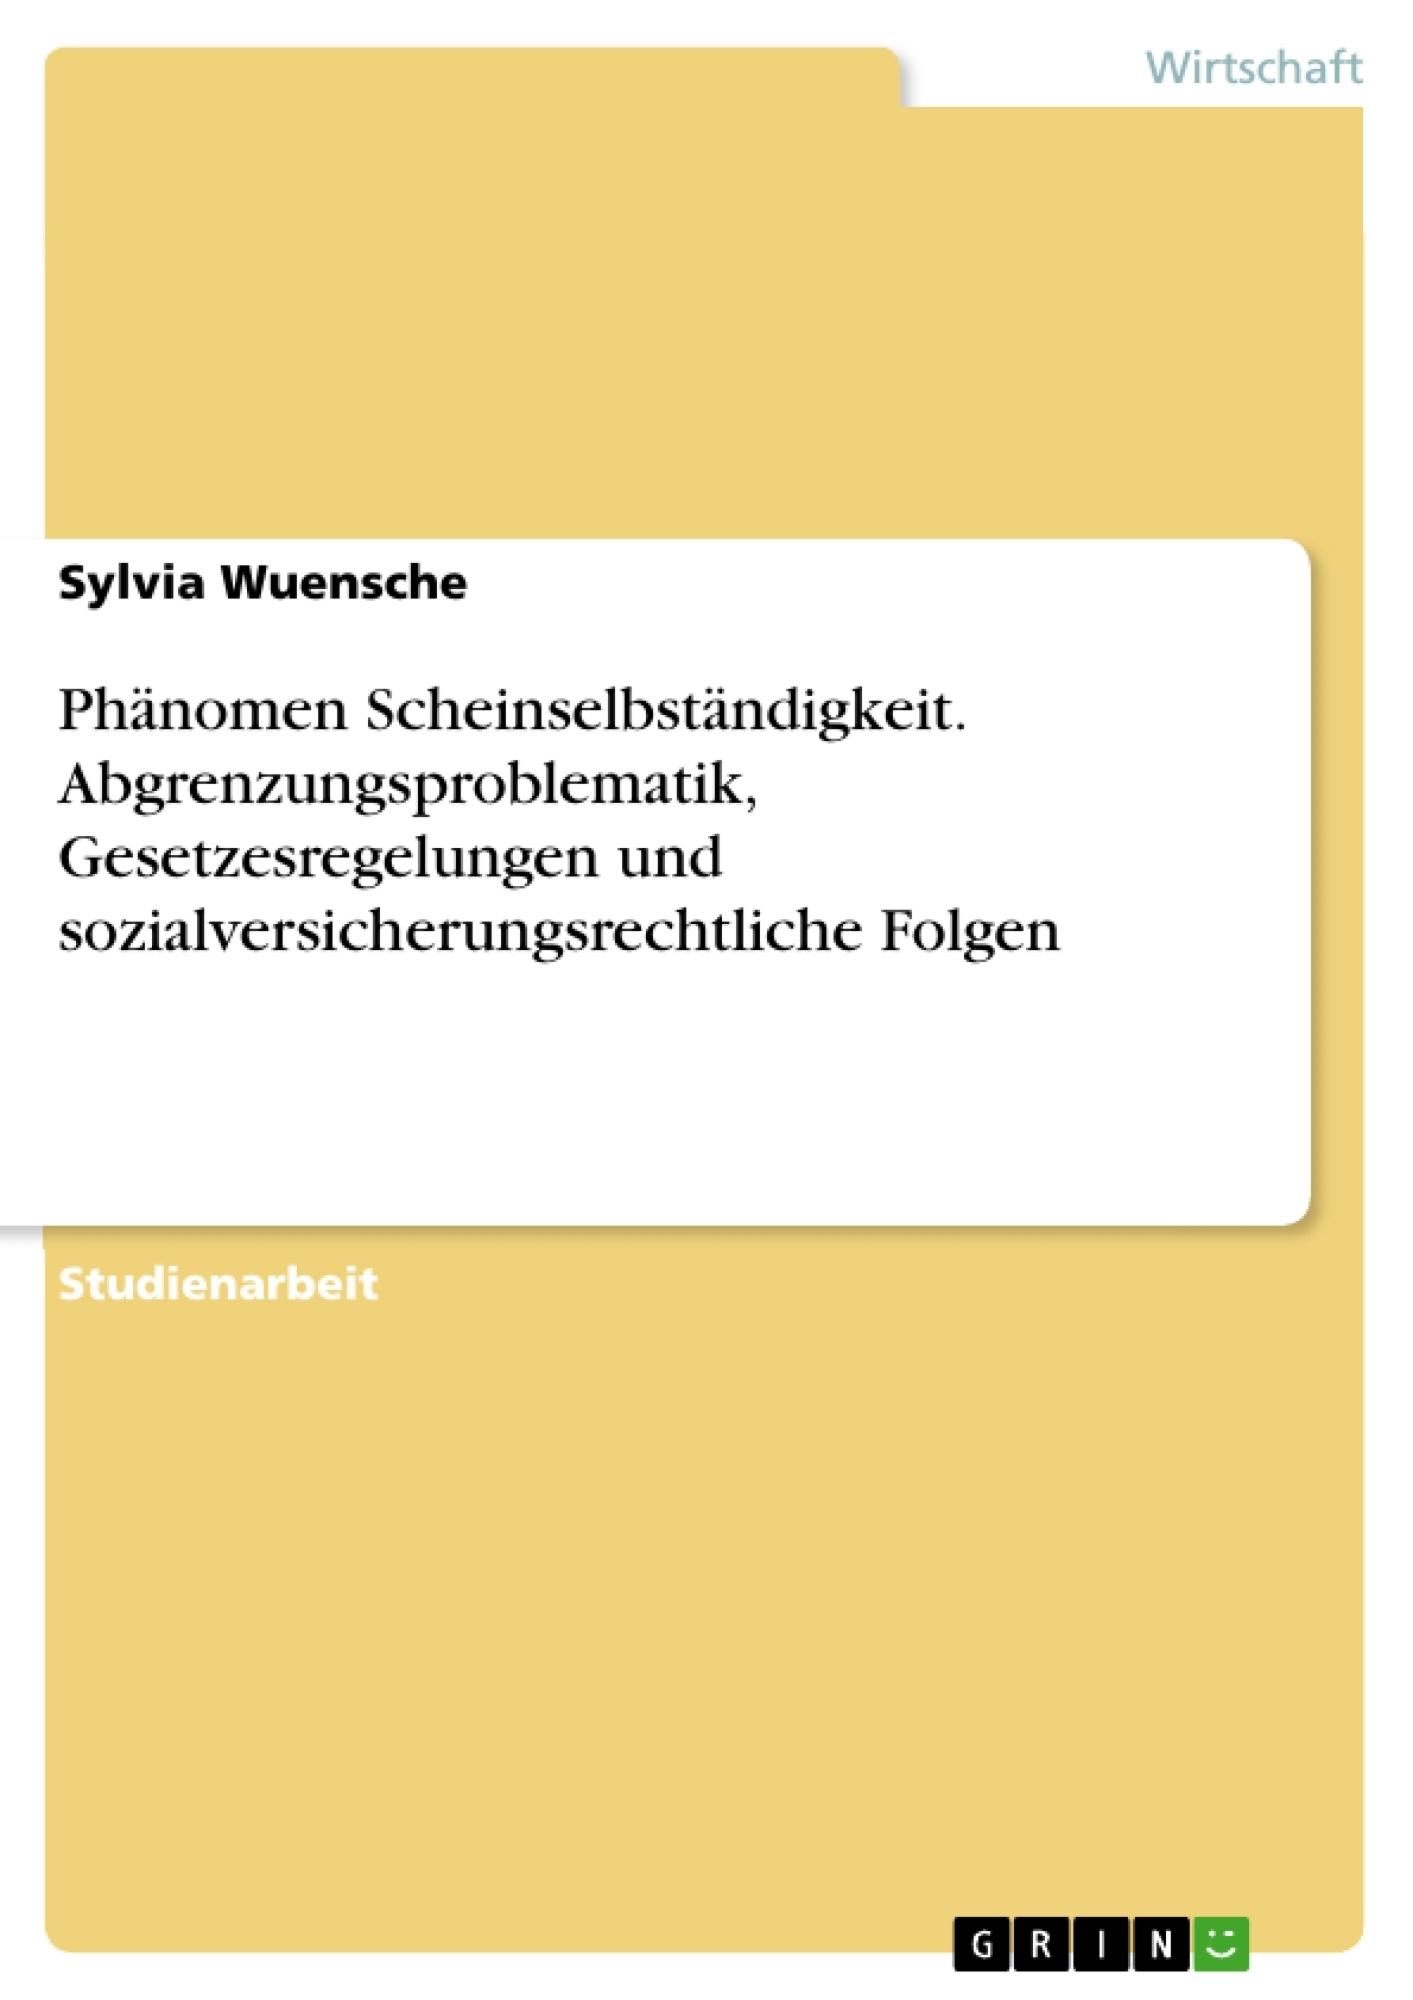 Titel: Phänomen Scheinselbständigkeit. Abgrenzungsproblematik, Gesetzesregelungen und sozialversicherungsrechtliche Folgen